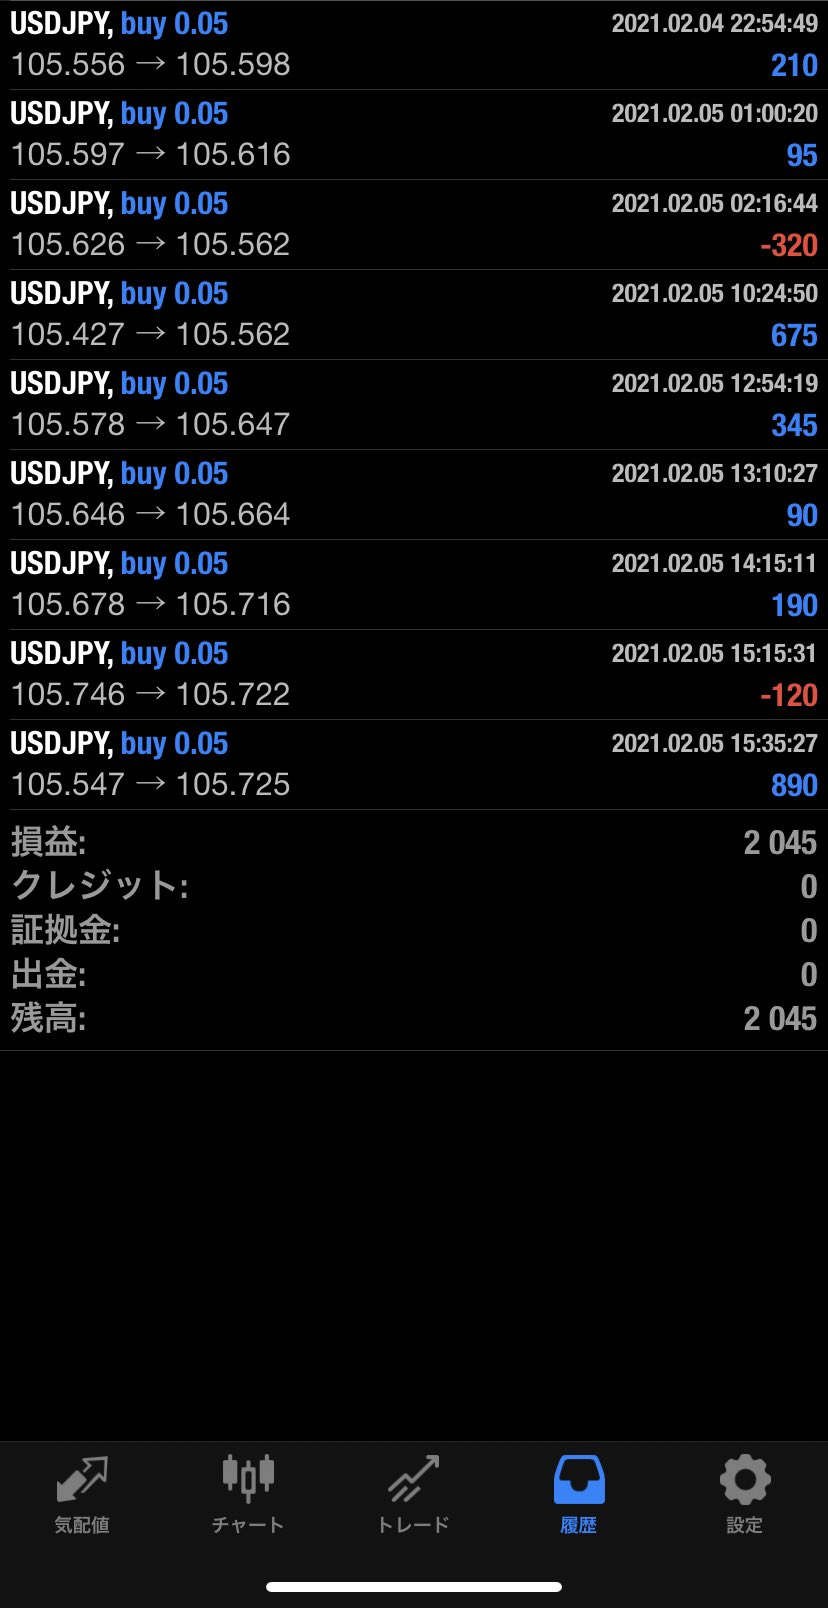 2021年2月5日 USD/JPYバージョン2,045円